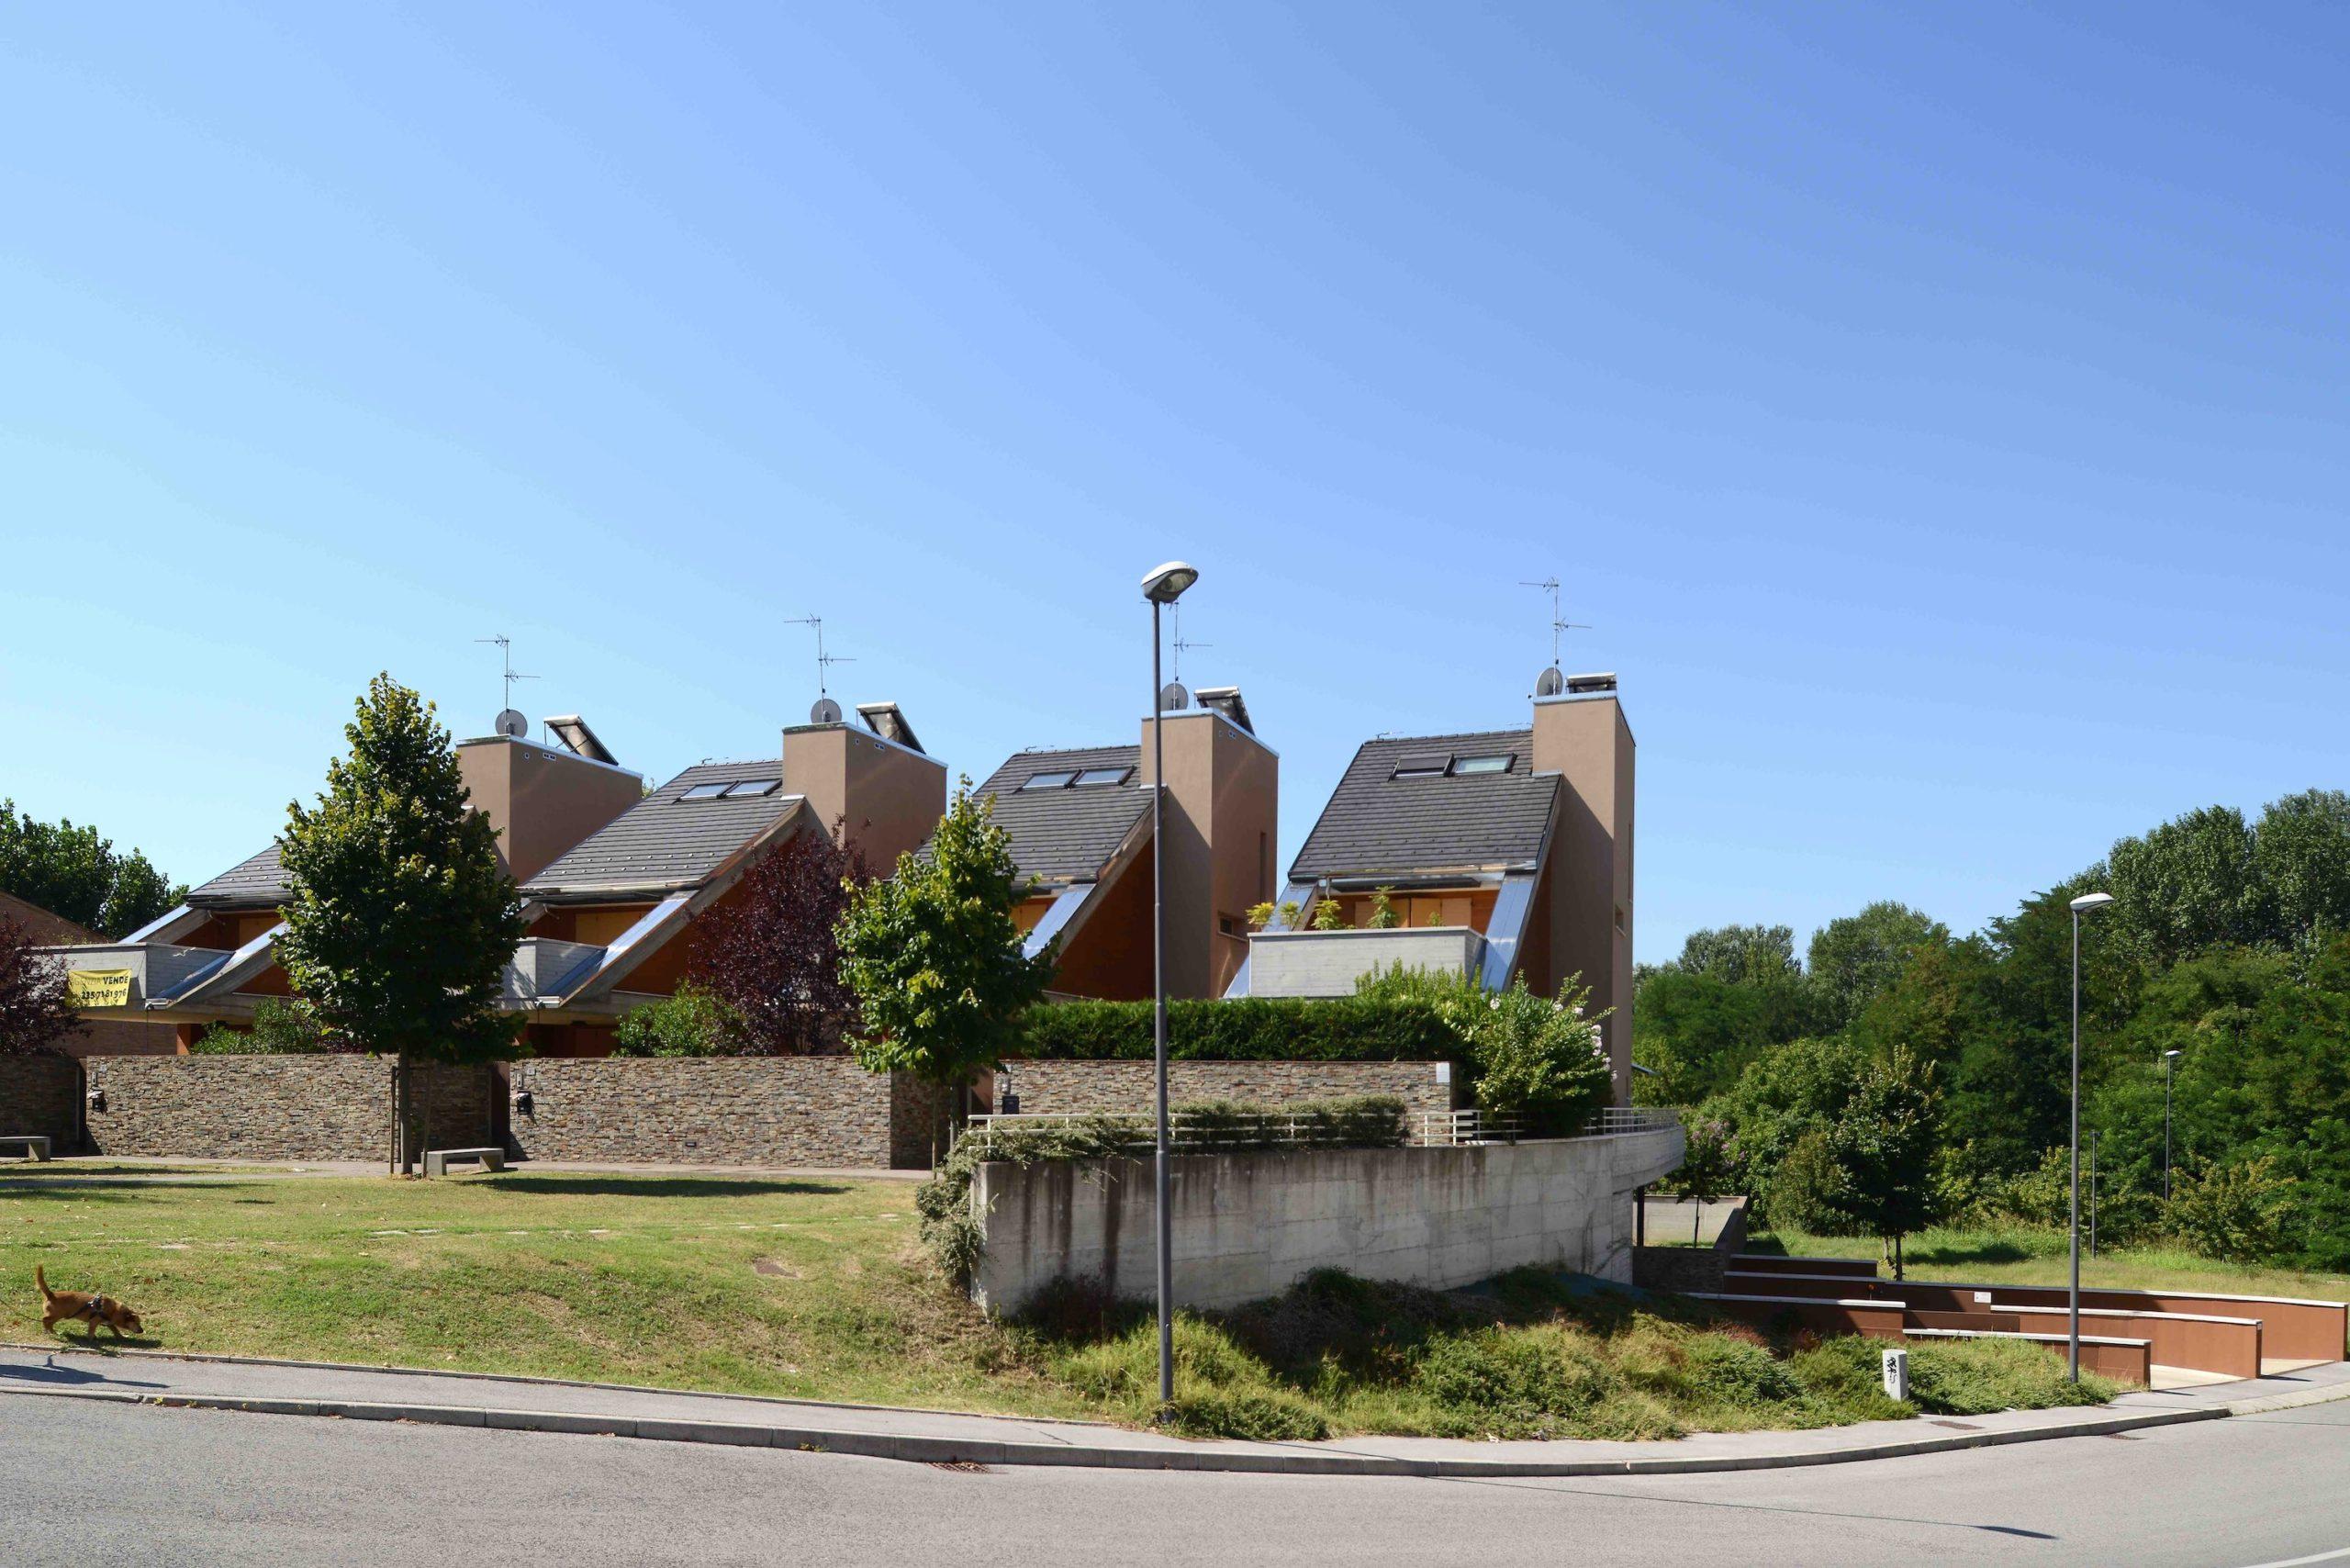 4849 Studio Bacchi Architetti 7Case